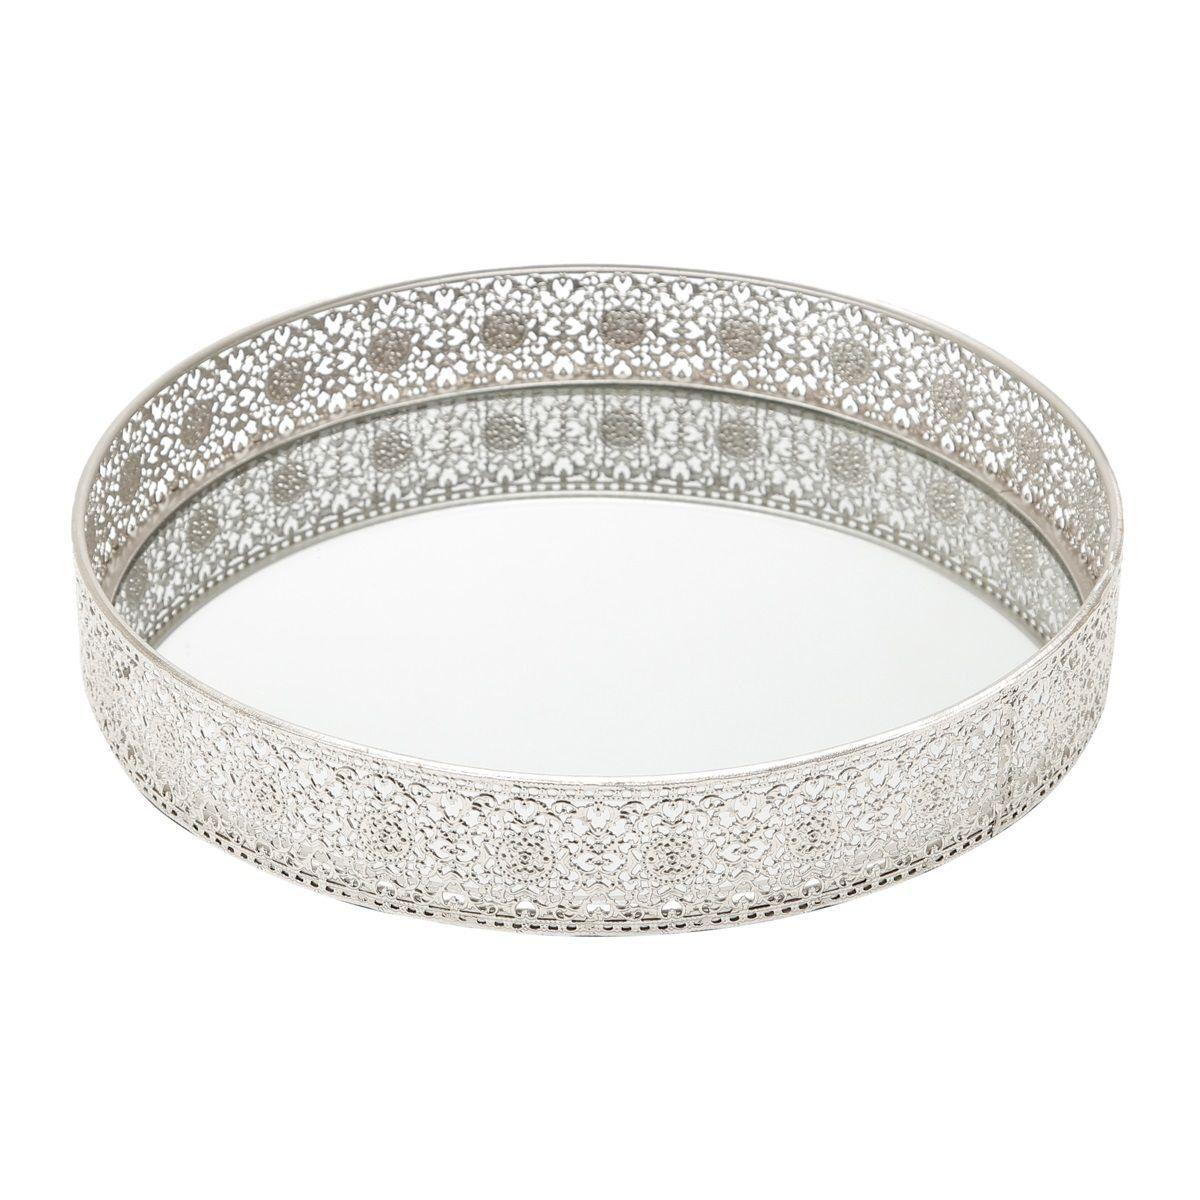 Bandeja, Suporte 30 cm de ferro niquelado esmaltado prata com espelho Prestige - 3979